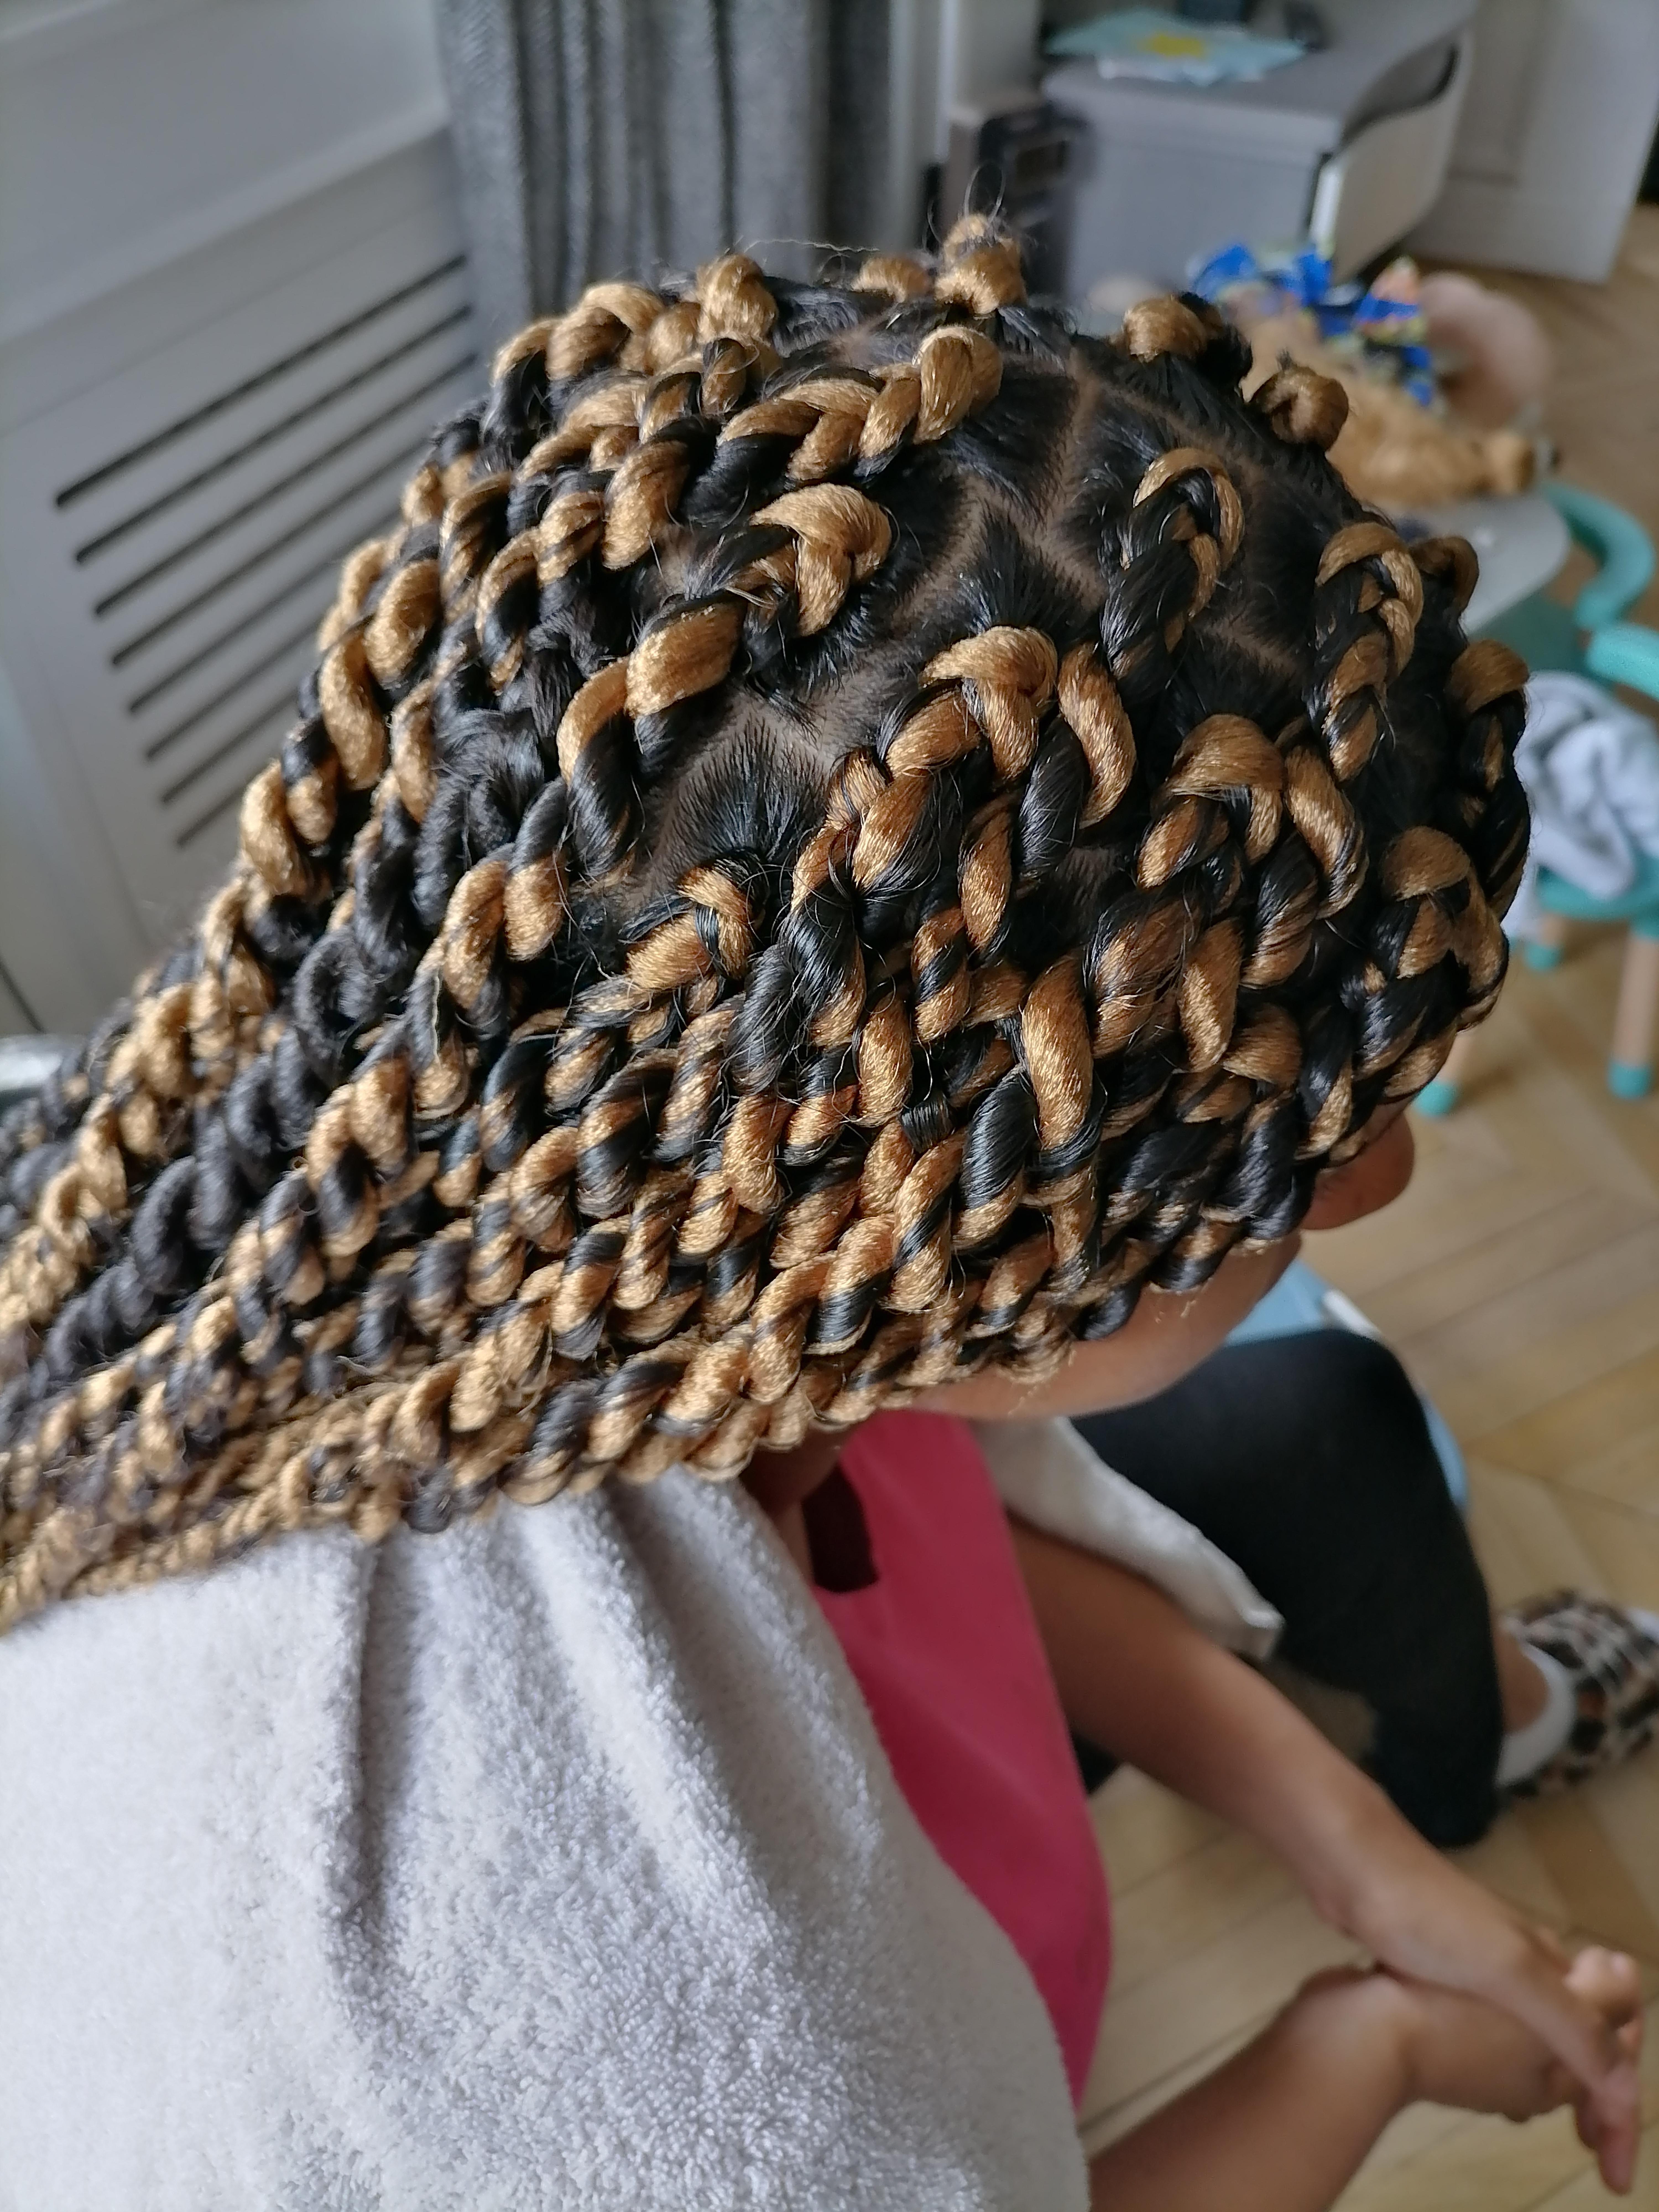 salon de coiffure afro tresse tresses box braids crochet braids vanilles tissages paris 75 77 78 91 92 93 94 95 ZSEHFHTY